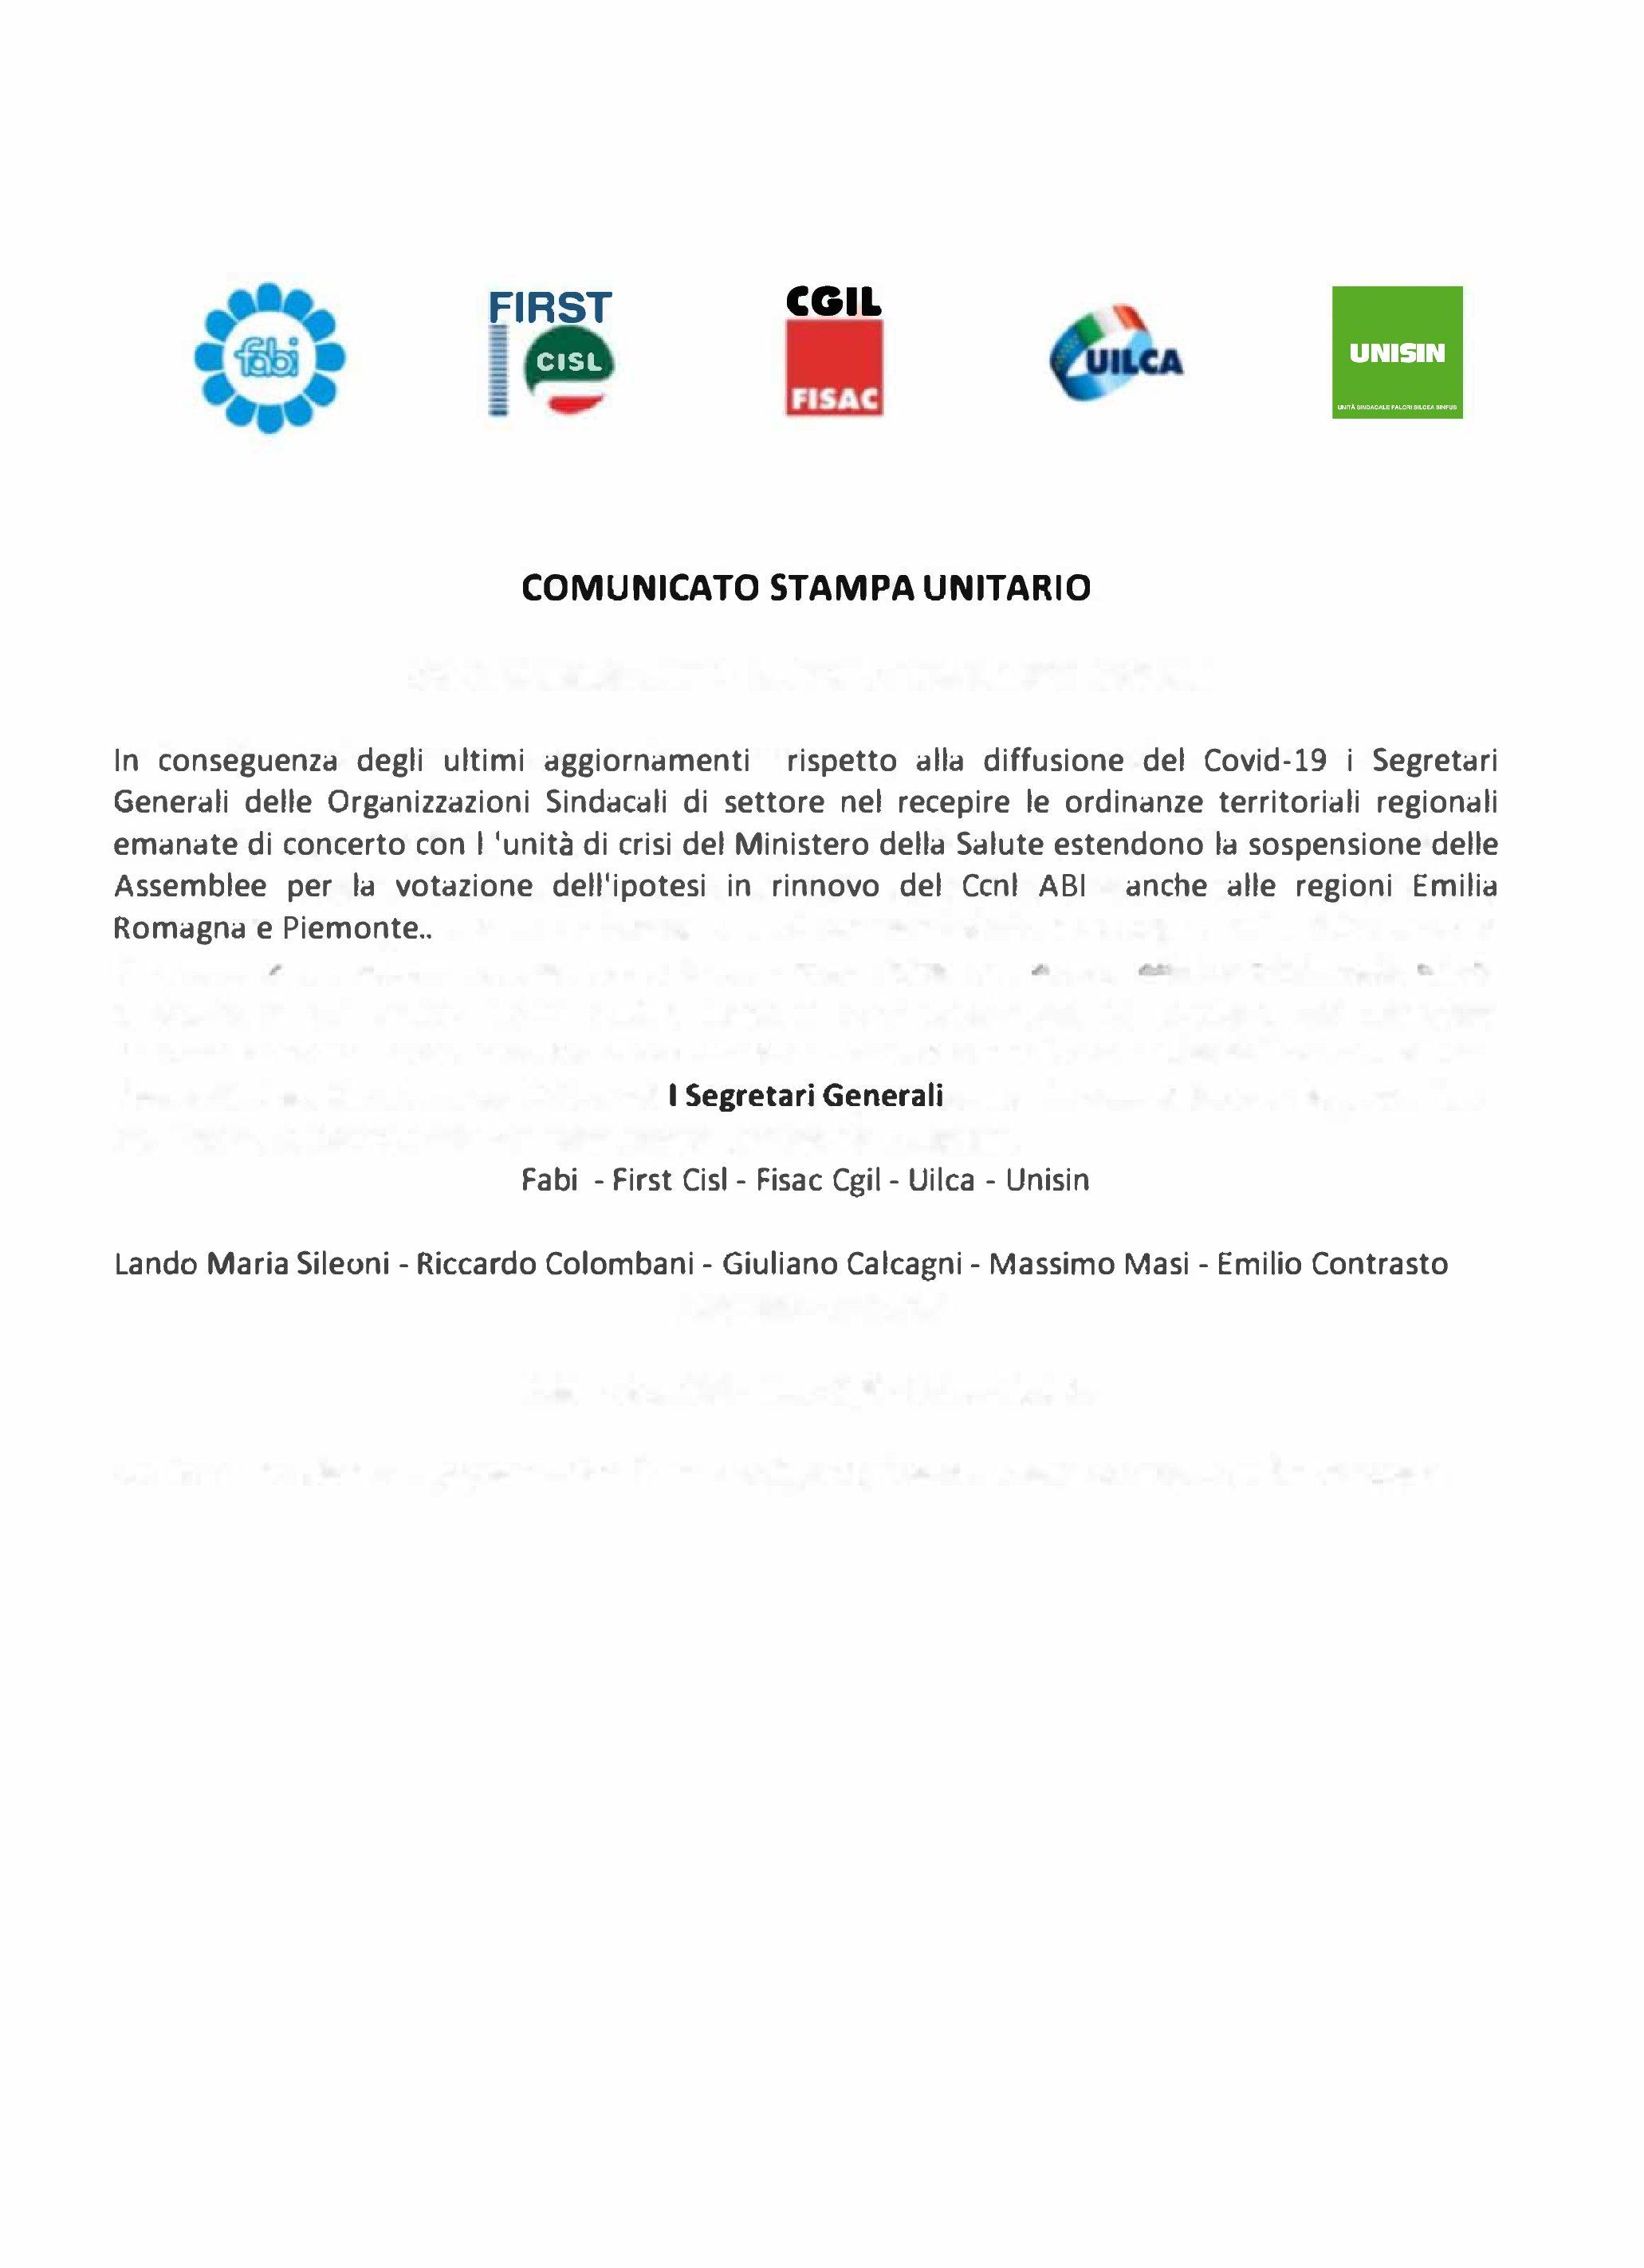 AGGIORNAMENTO EMERGENZA CORONAVIRUS: SOSPENSIONE ASSEMBLEE